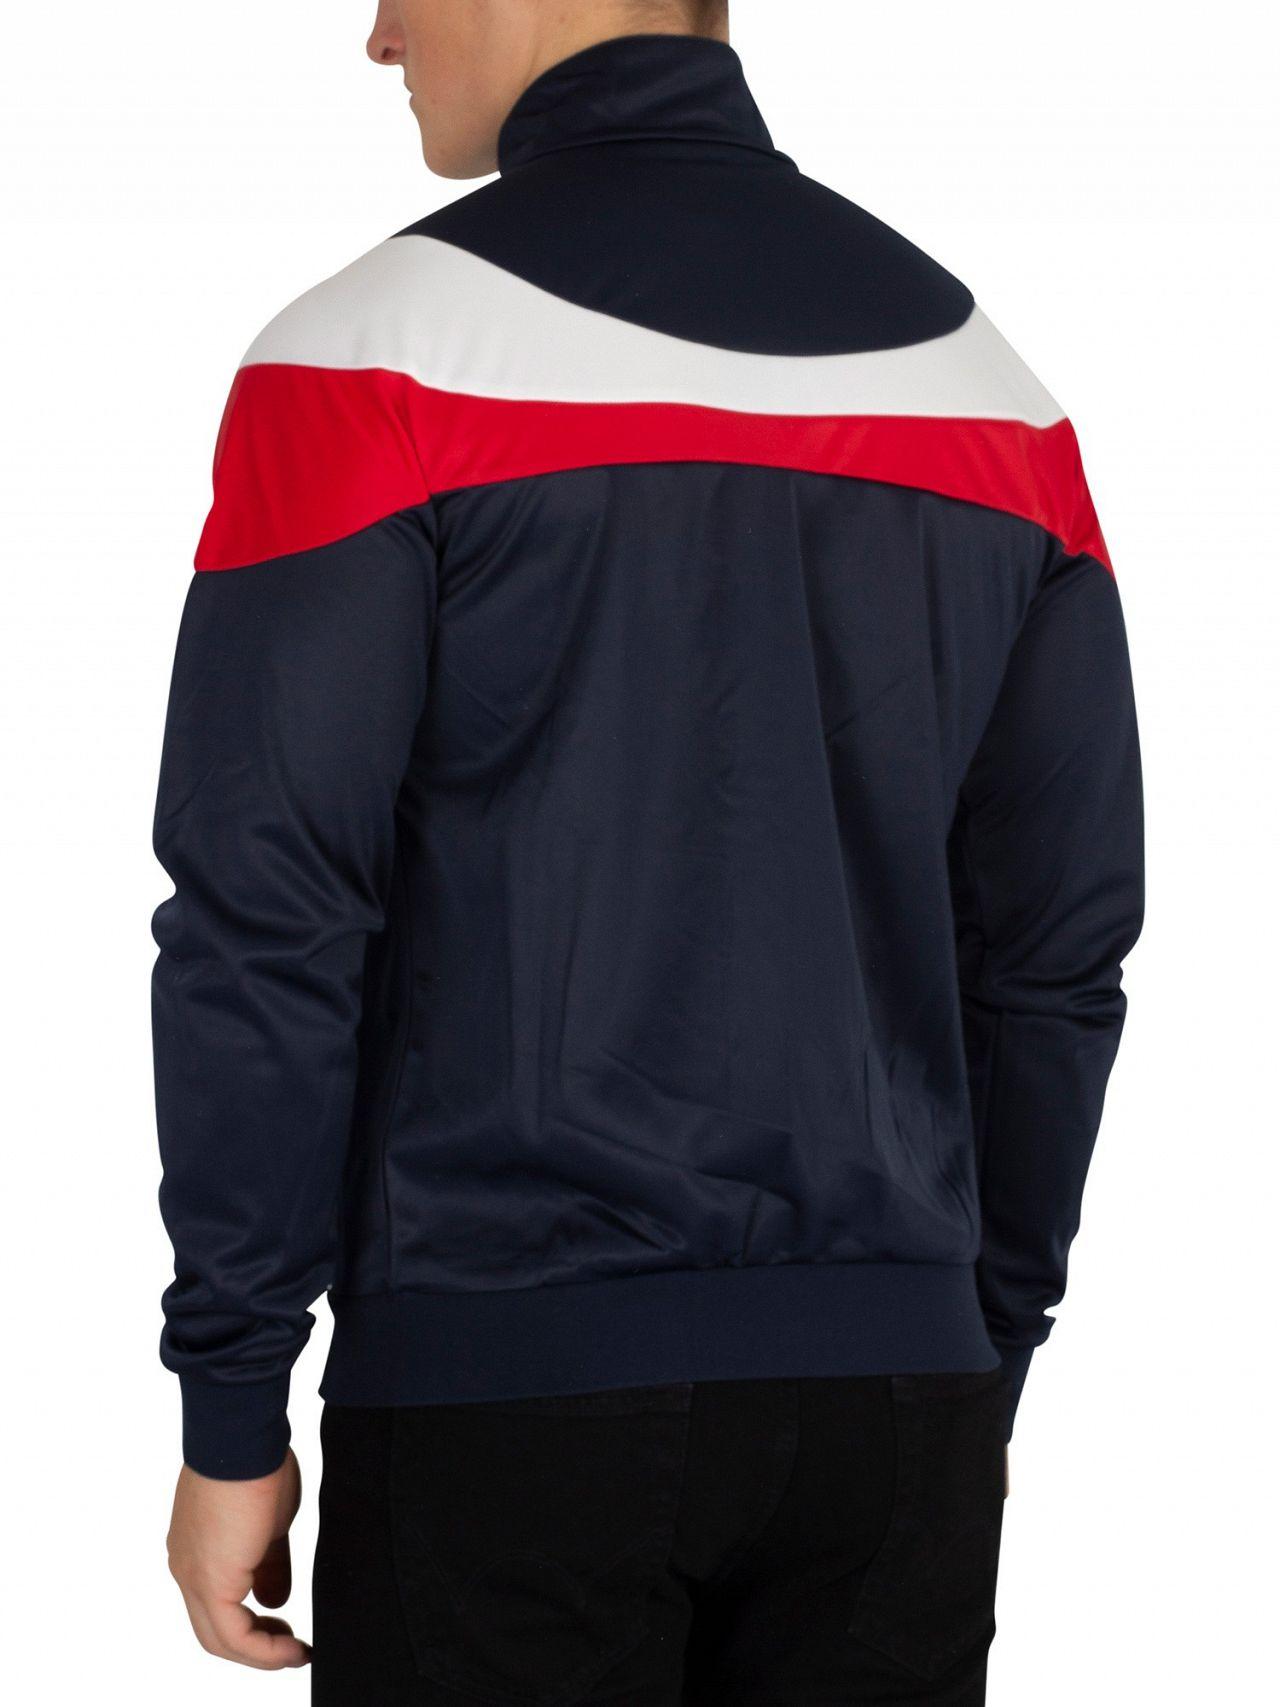 27ae2bd8 Sergio Tacchini Navy/White Fohn Logo Track Jacket | Standout